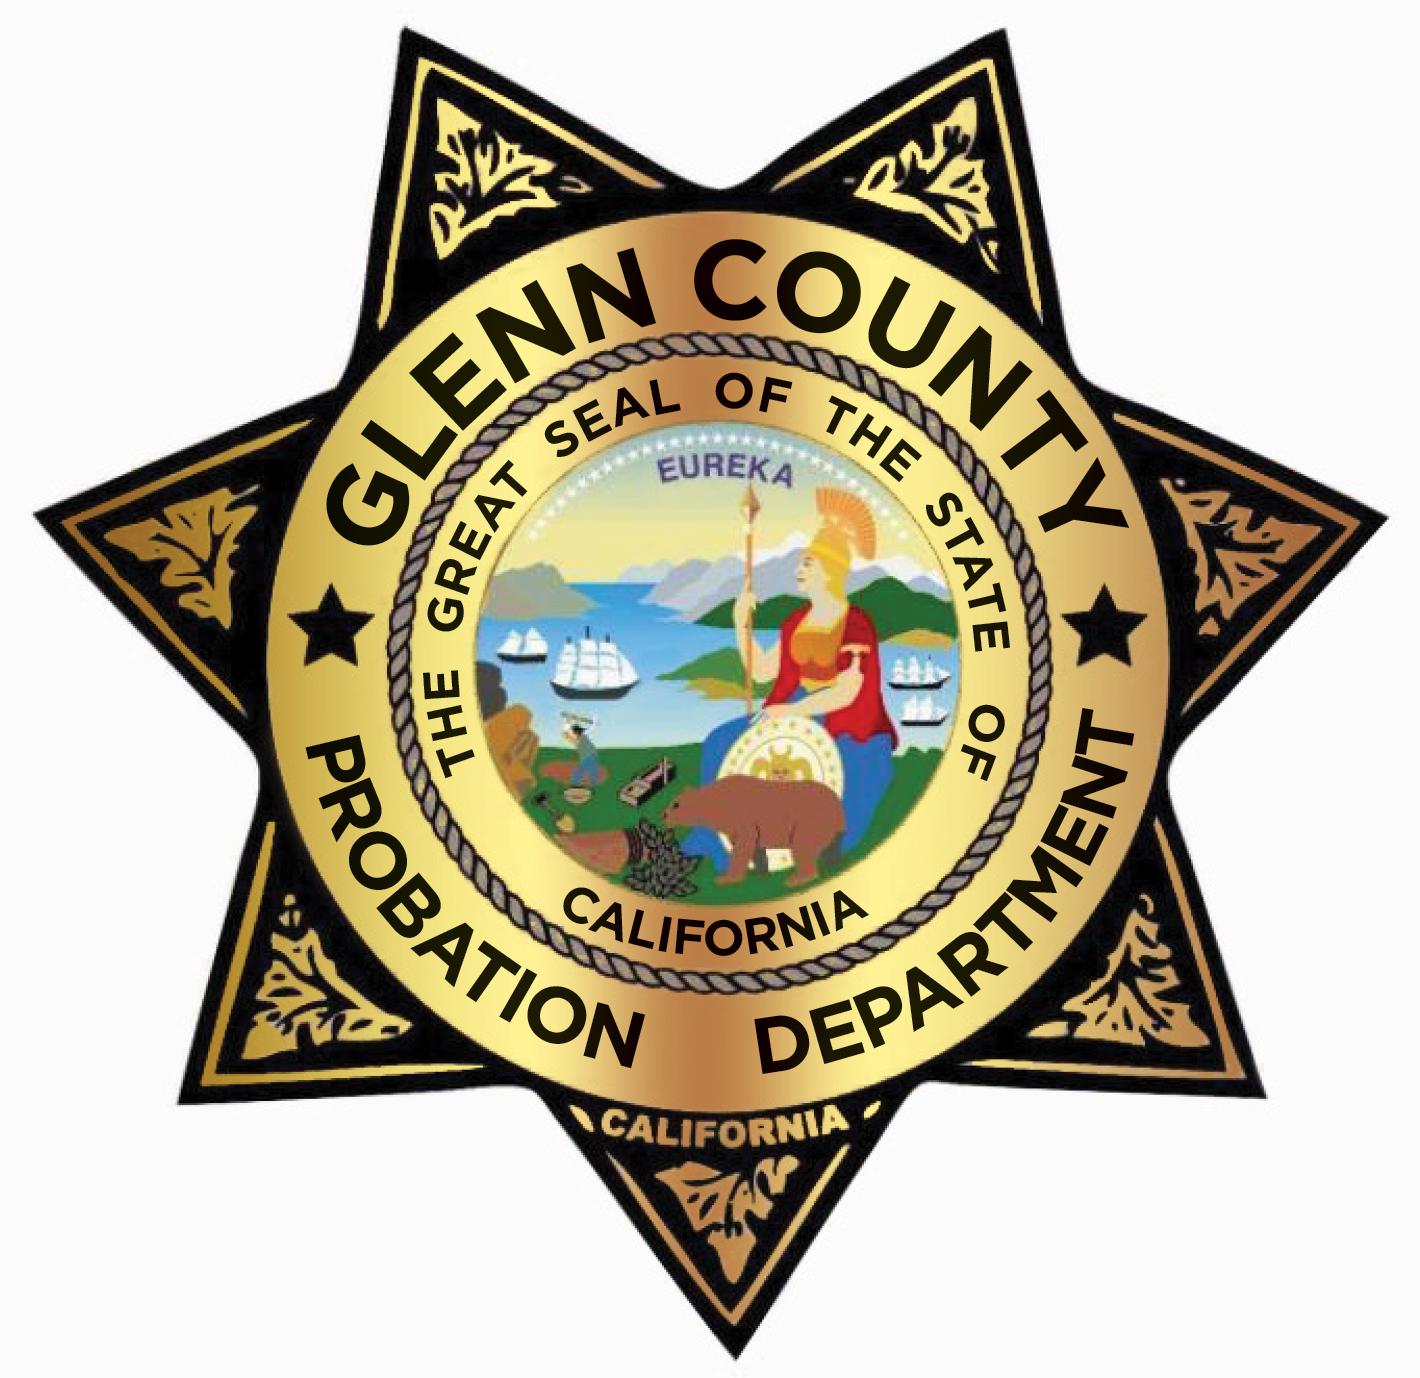 Glenn County Probation logo